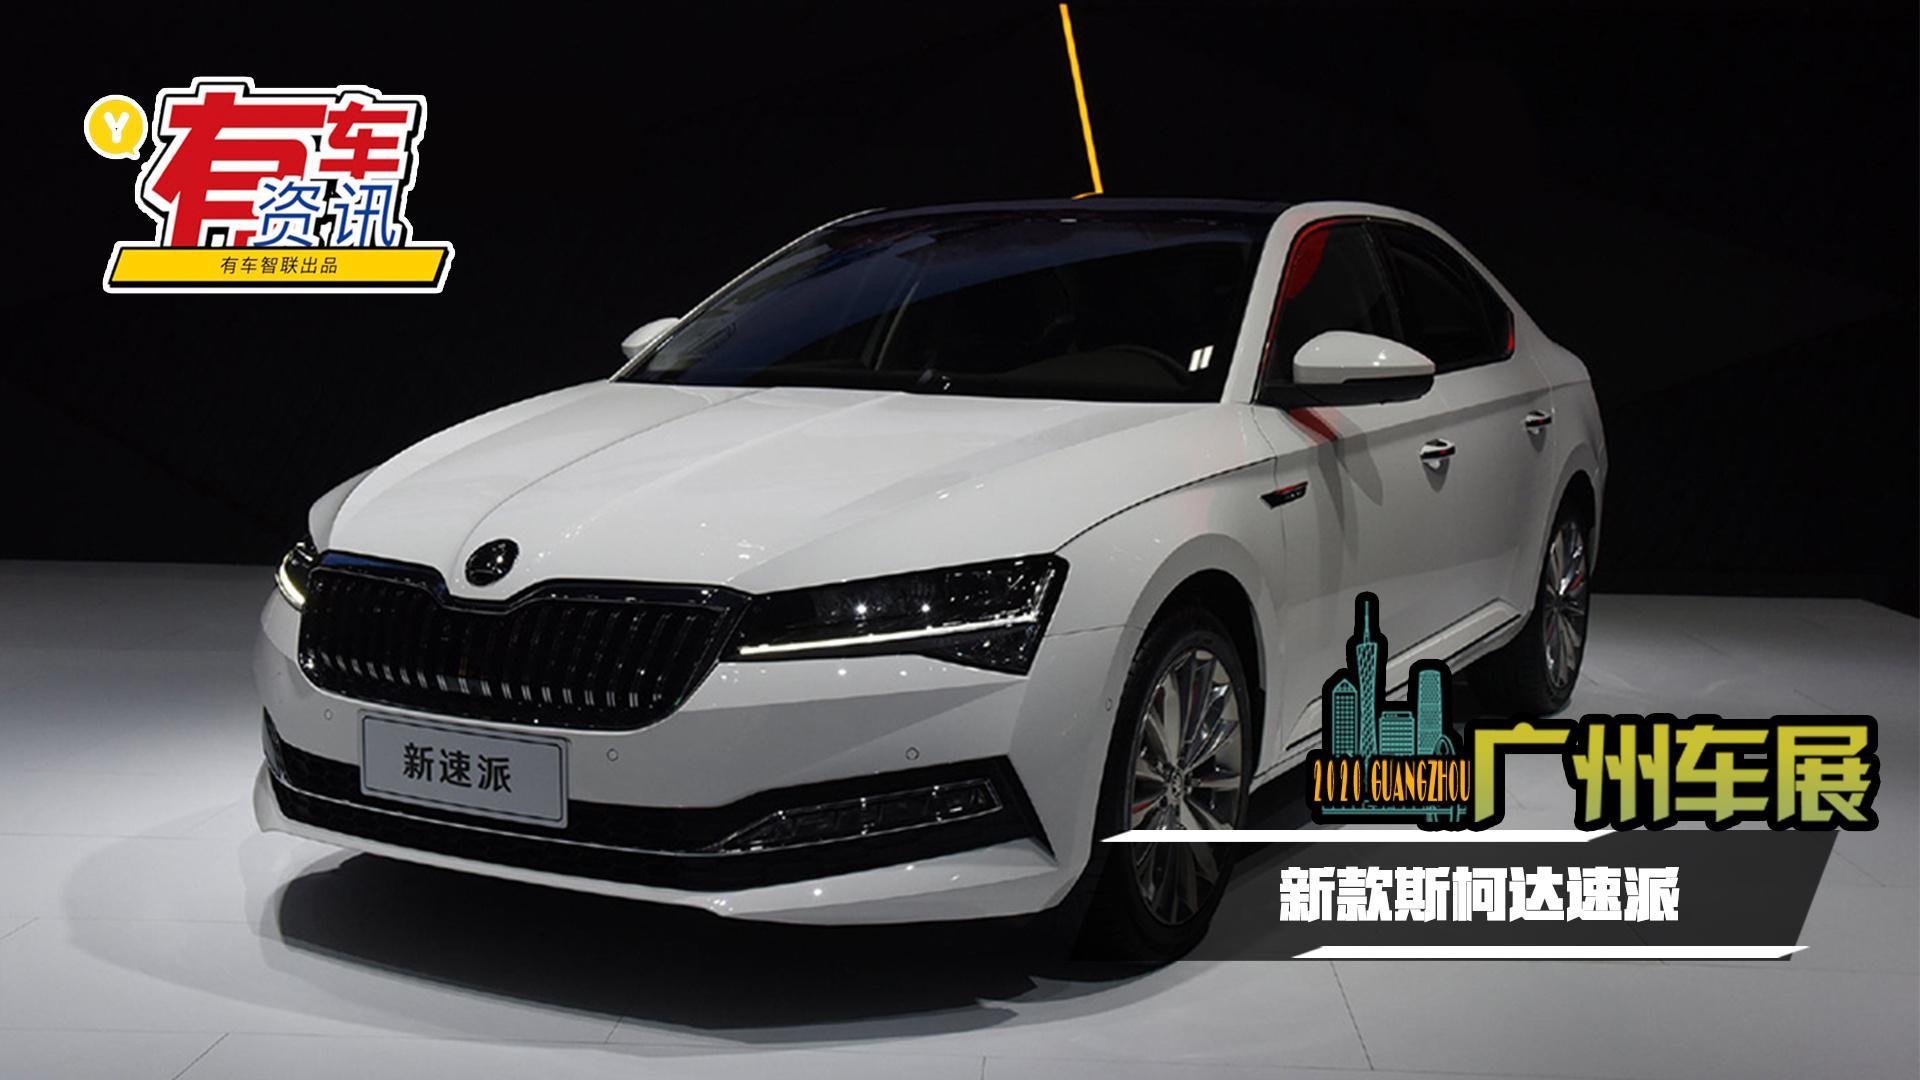 视频:2020广州车展丨 配置科技全面升级 新款速派预售15.99万元起